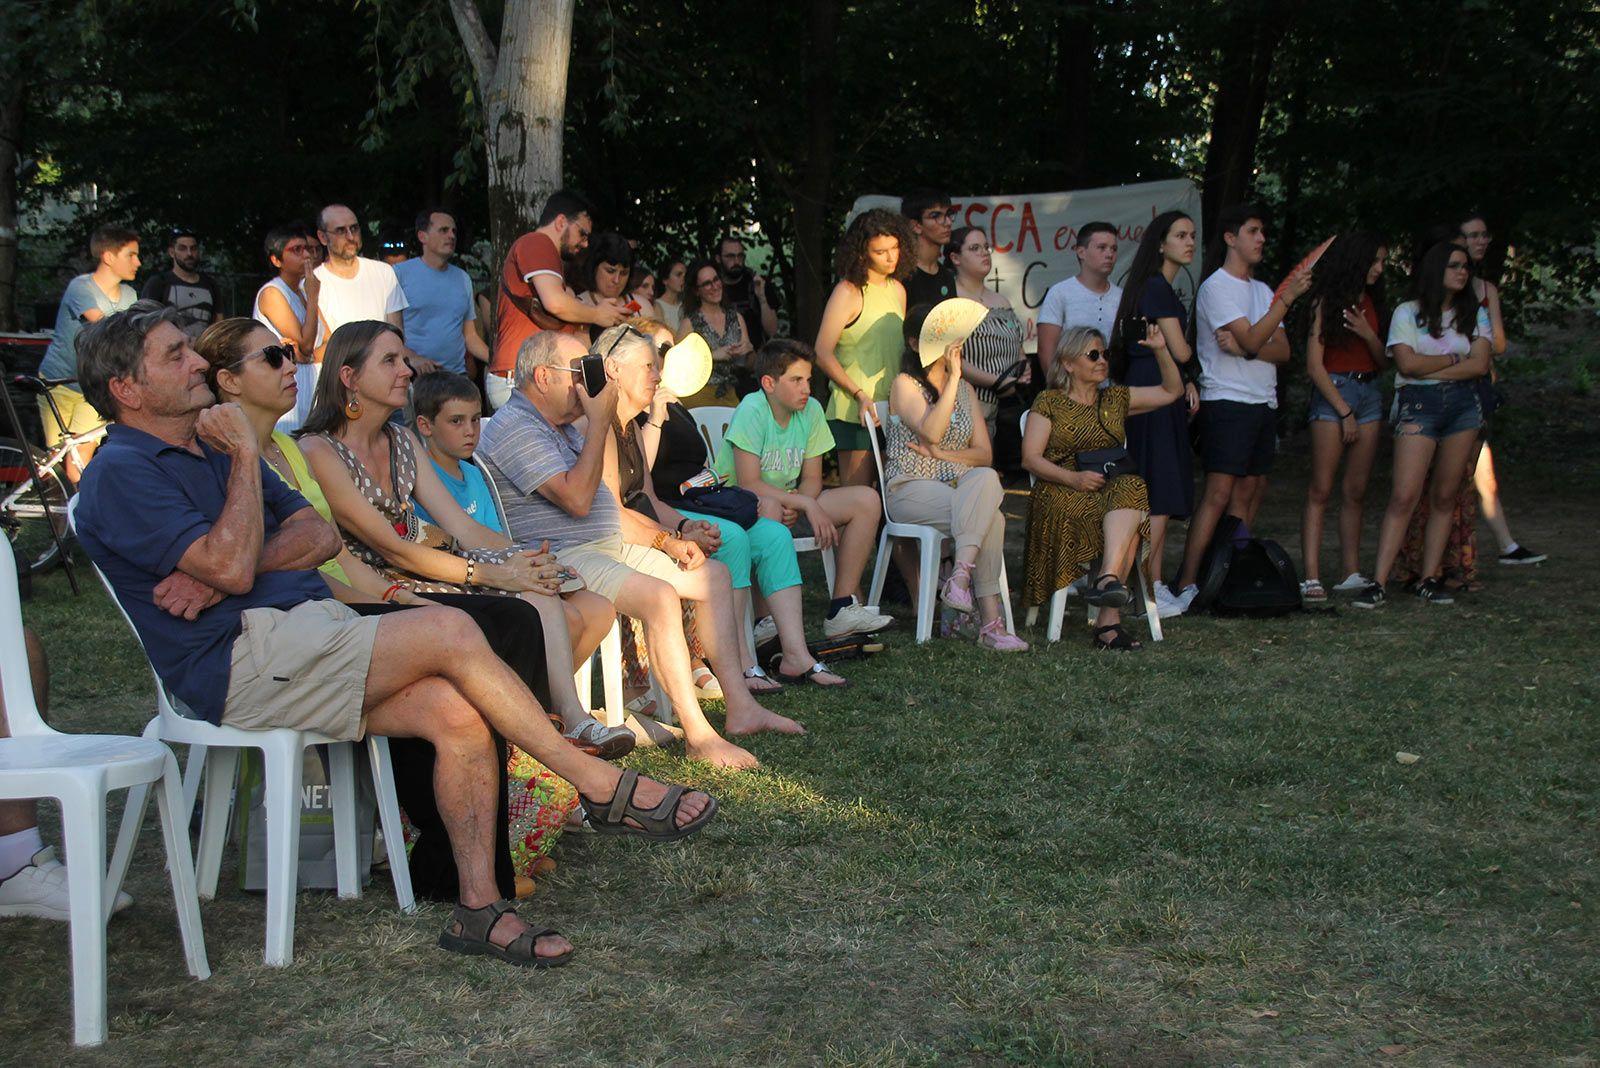 Comença la FMA amb Fridays For Future com a pregoners. FOTO: Paula Galván